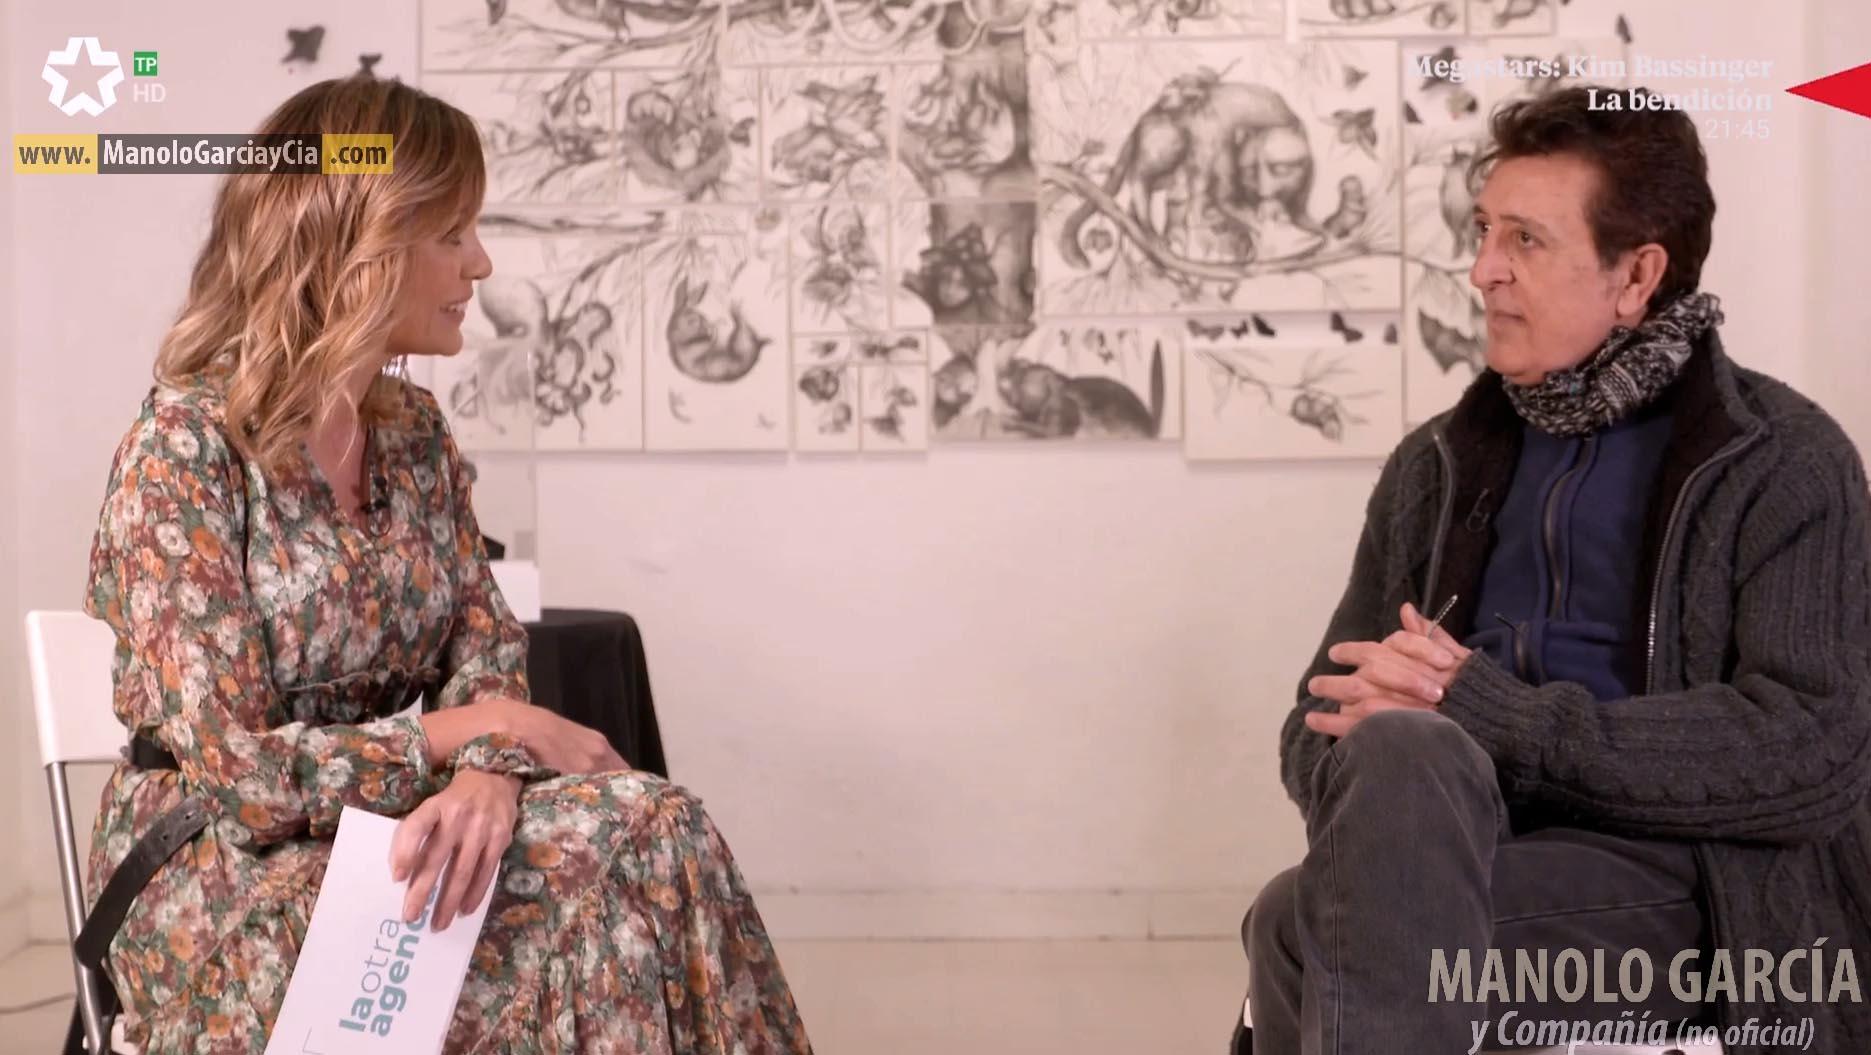 Manolo García, entrevista en LA OTRA AGENDA 7/12/19